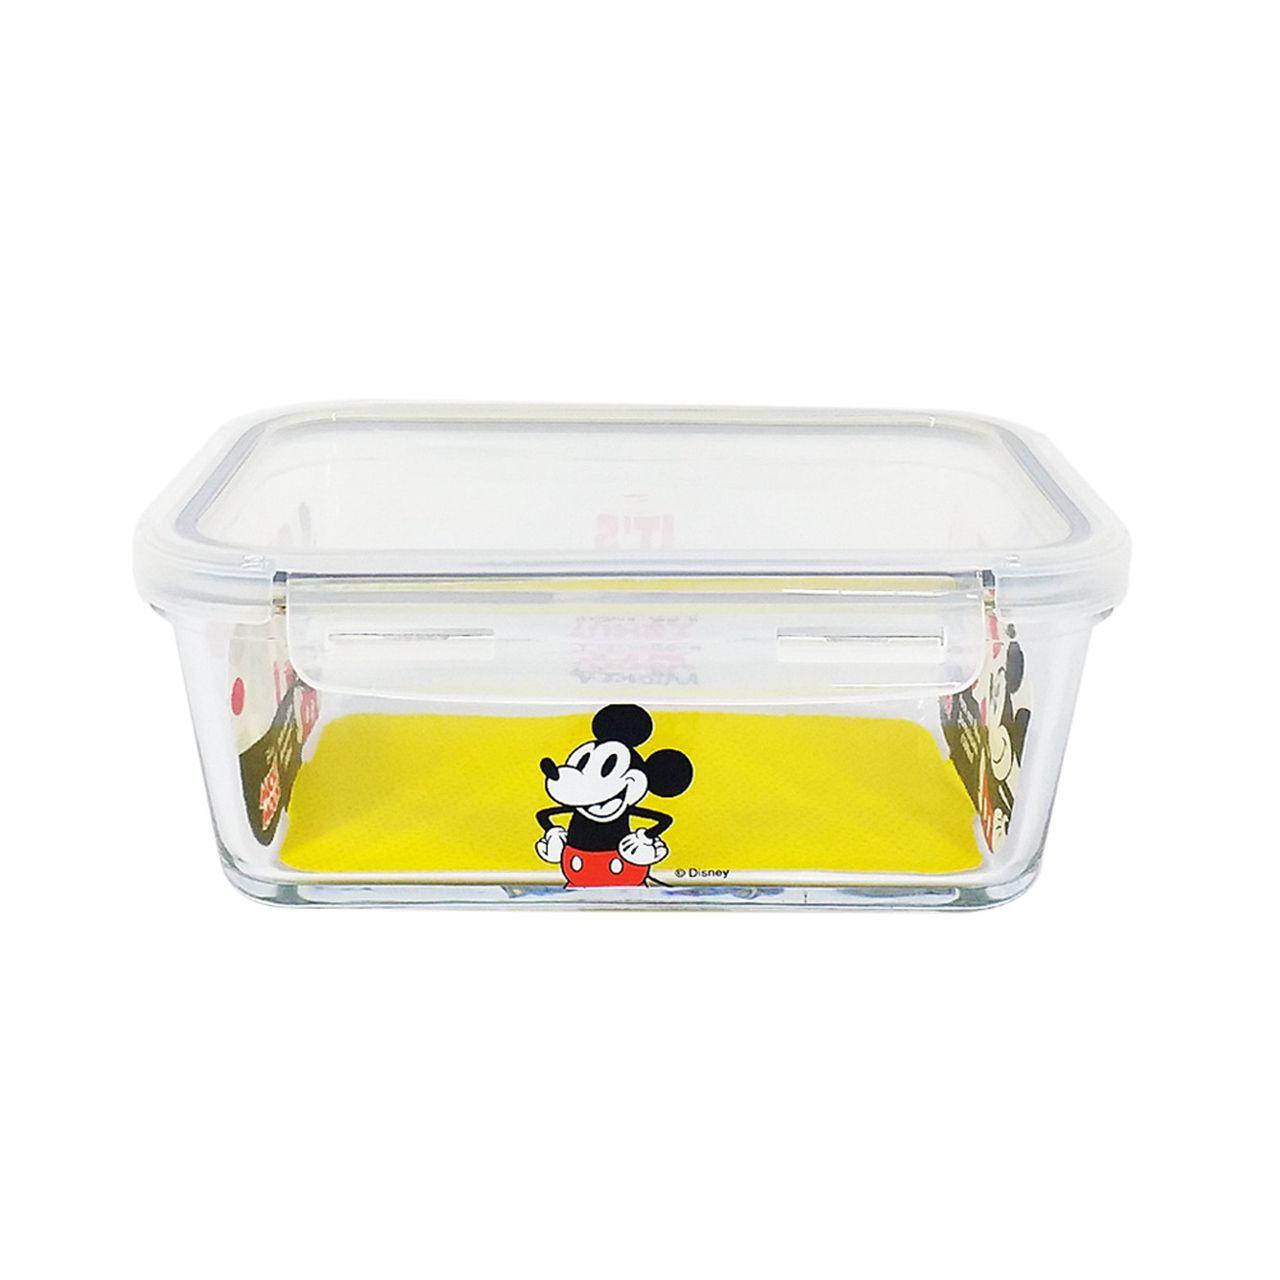 Pote de Vidro Com Tampa e Trava (1050ml): It's All About Mickey - Disney